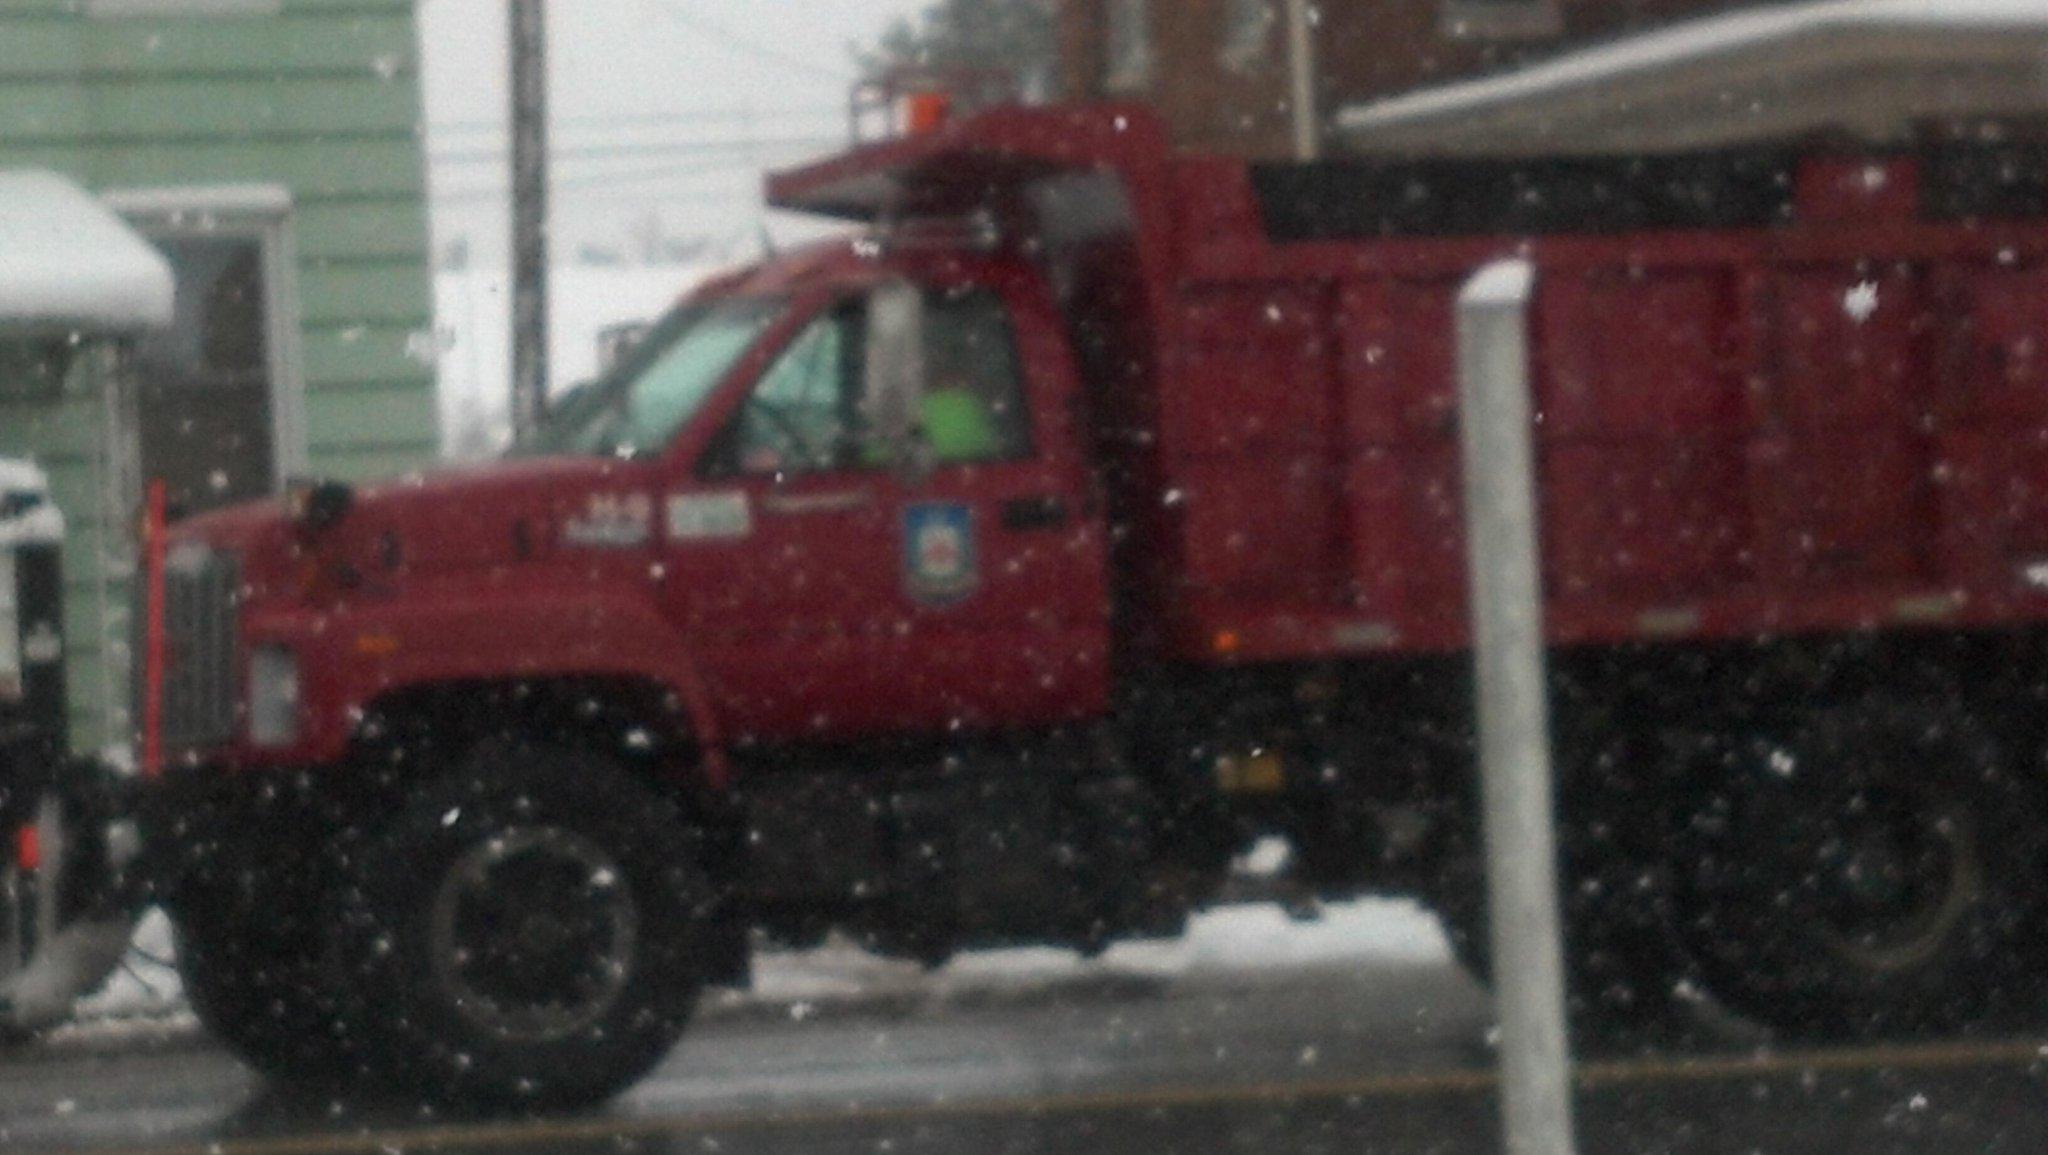 Twitter / ydrcom: Snow plow in Dallastown. ...